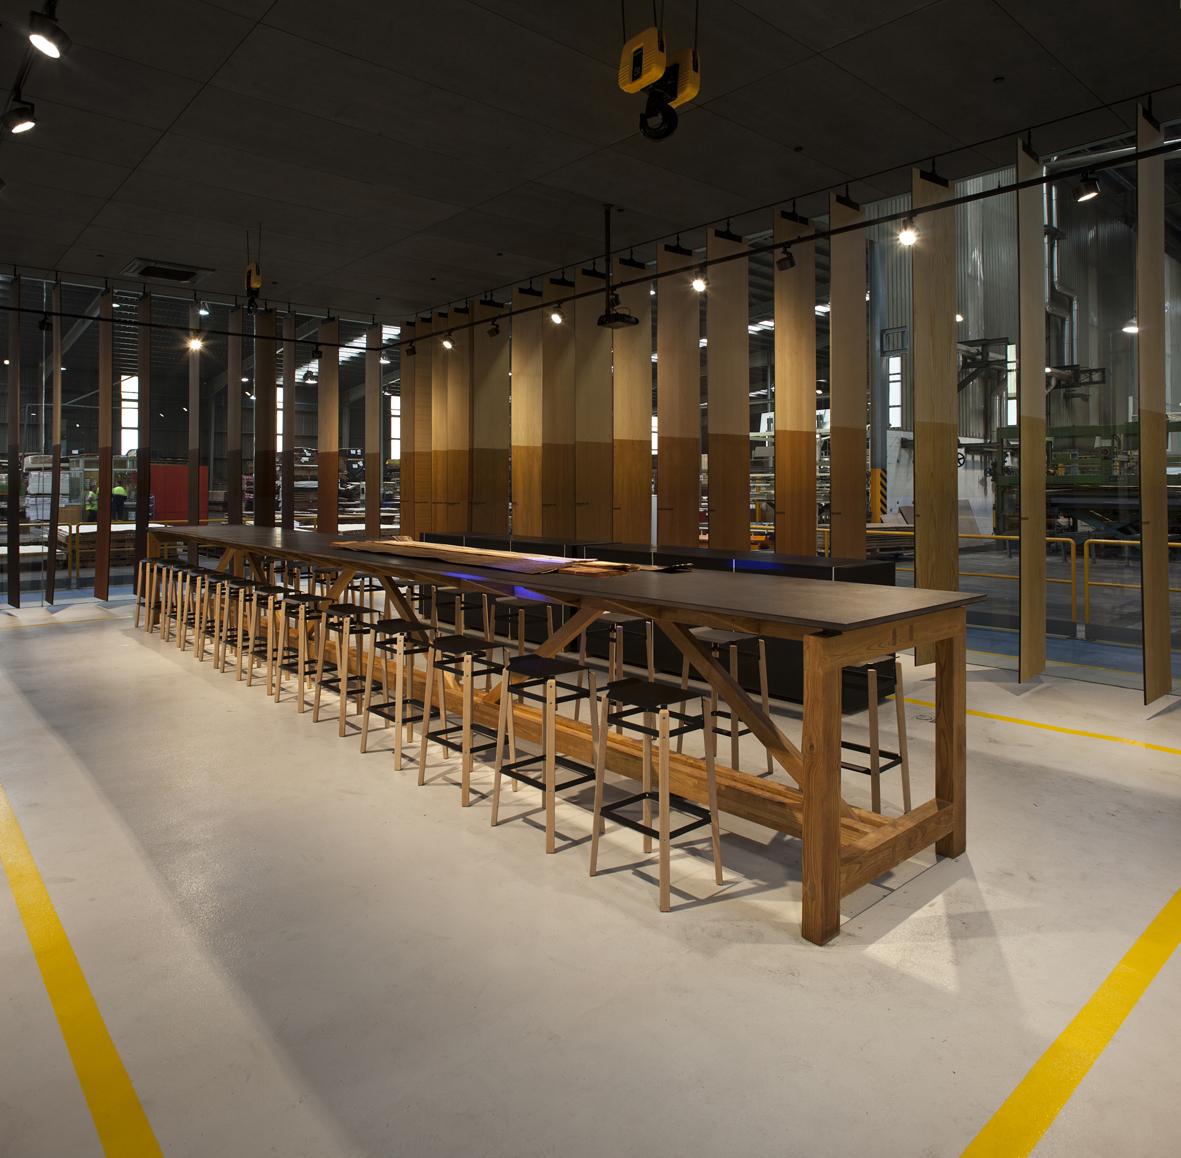 Natur Hall - Espacio expositivo FINSA by Cenlitrosmetrocadrado - Creative Work - $i